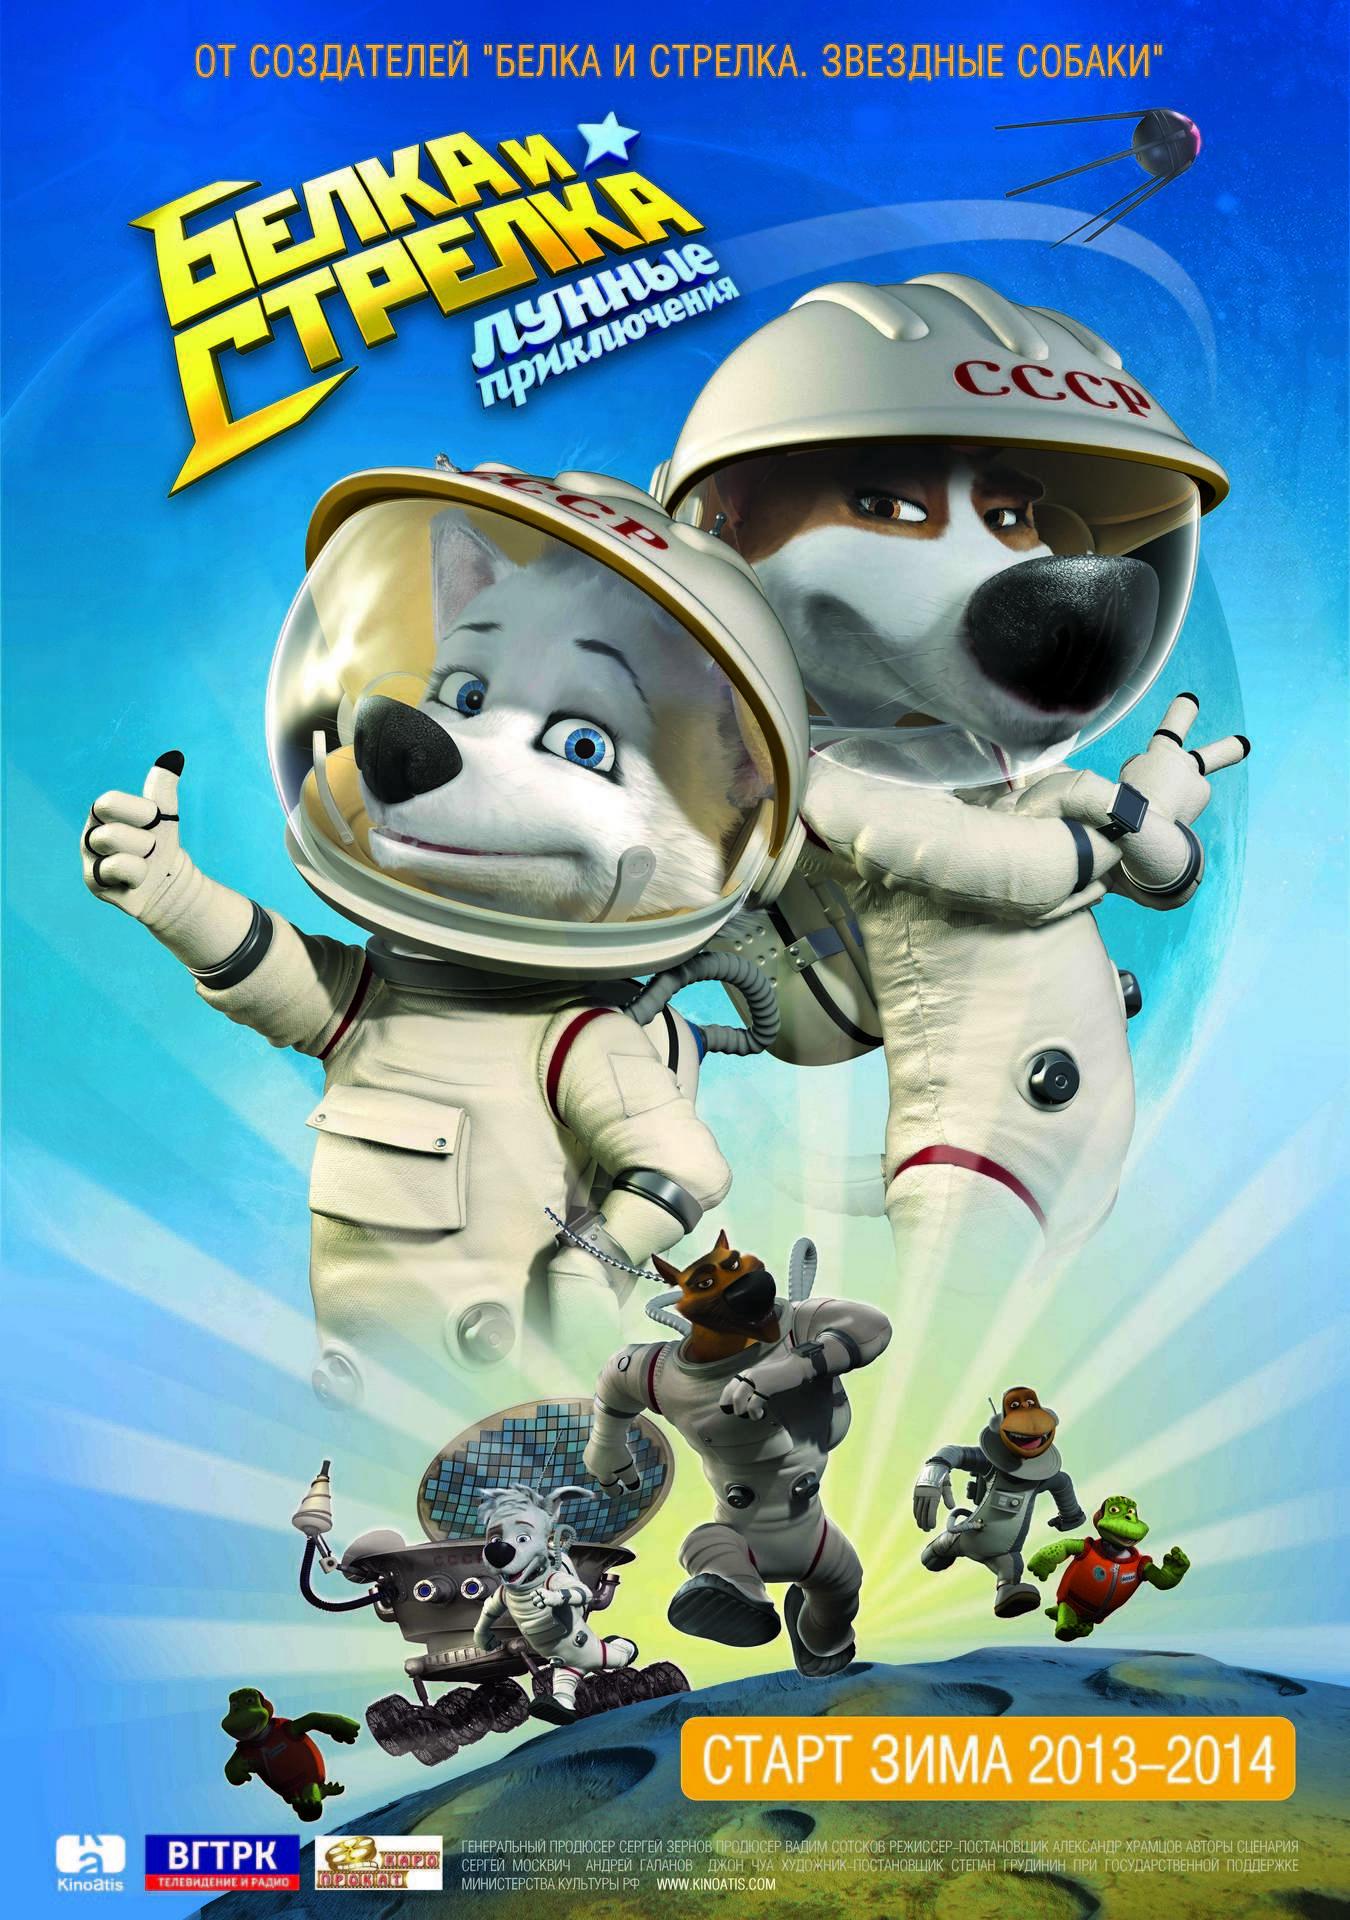 Toys Мультик смотреть бесплатно мультфильм щенячий патруль 1 сезон